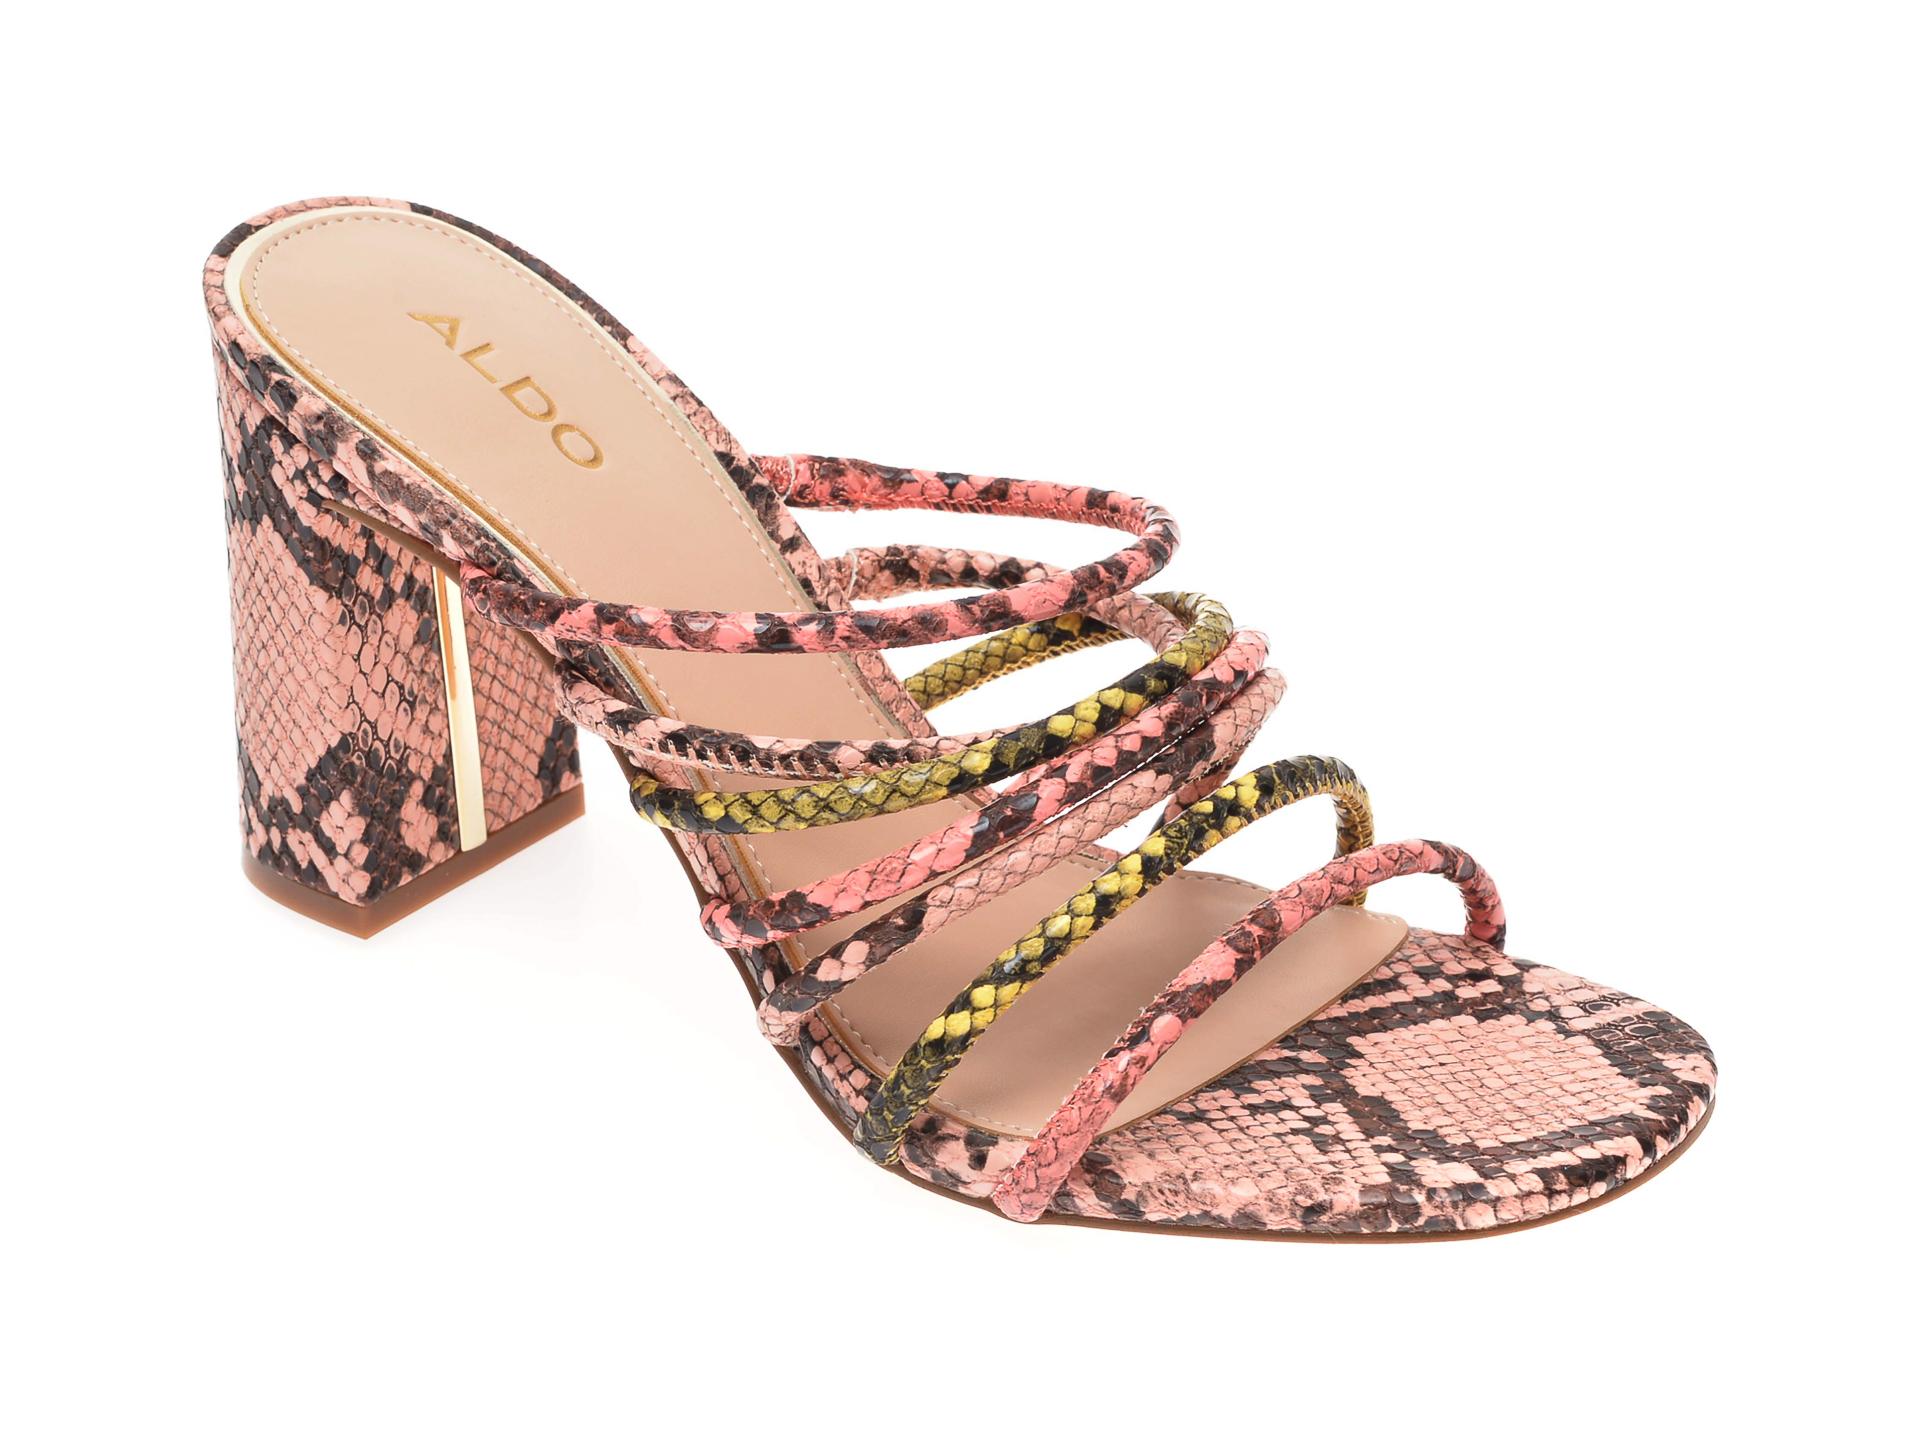 Papuci ALDO roz, Trelidda690, din piele ecologica